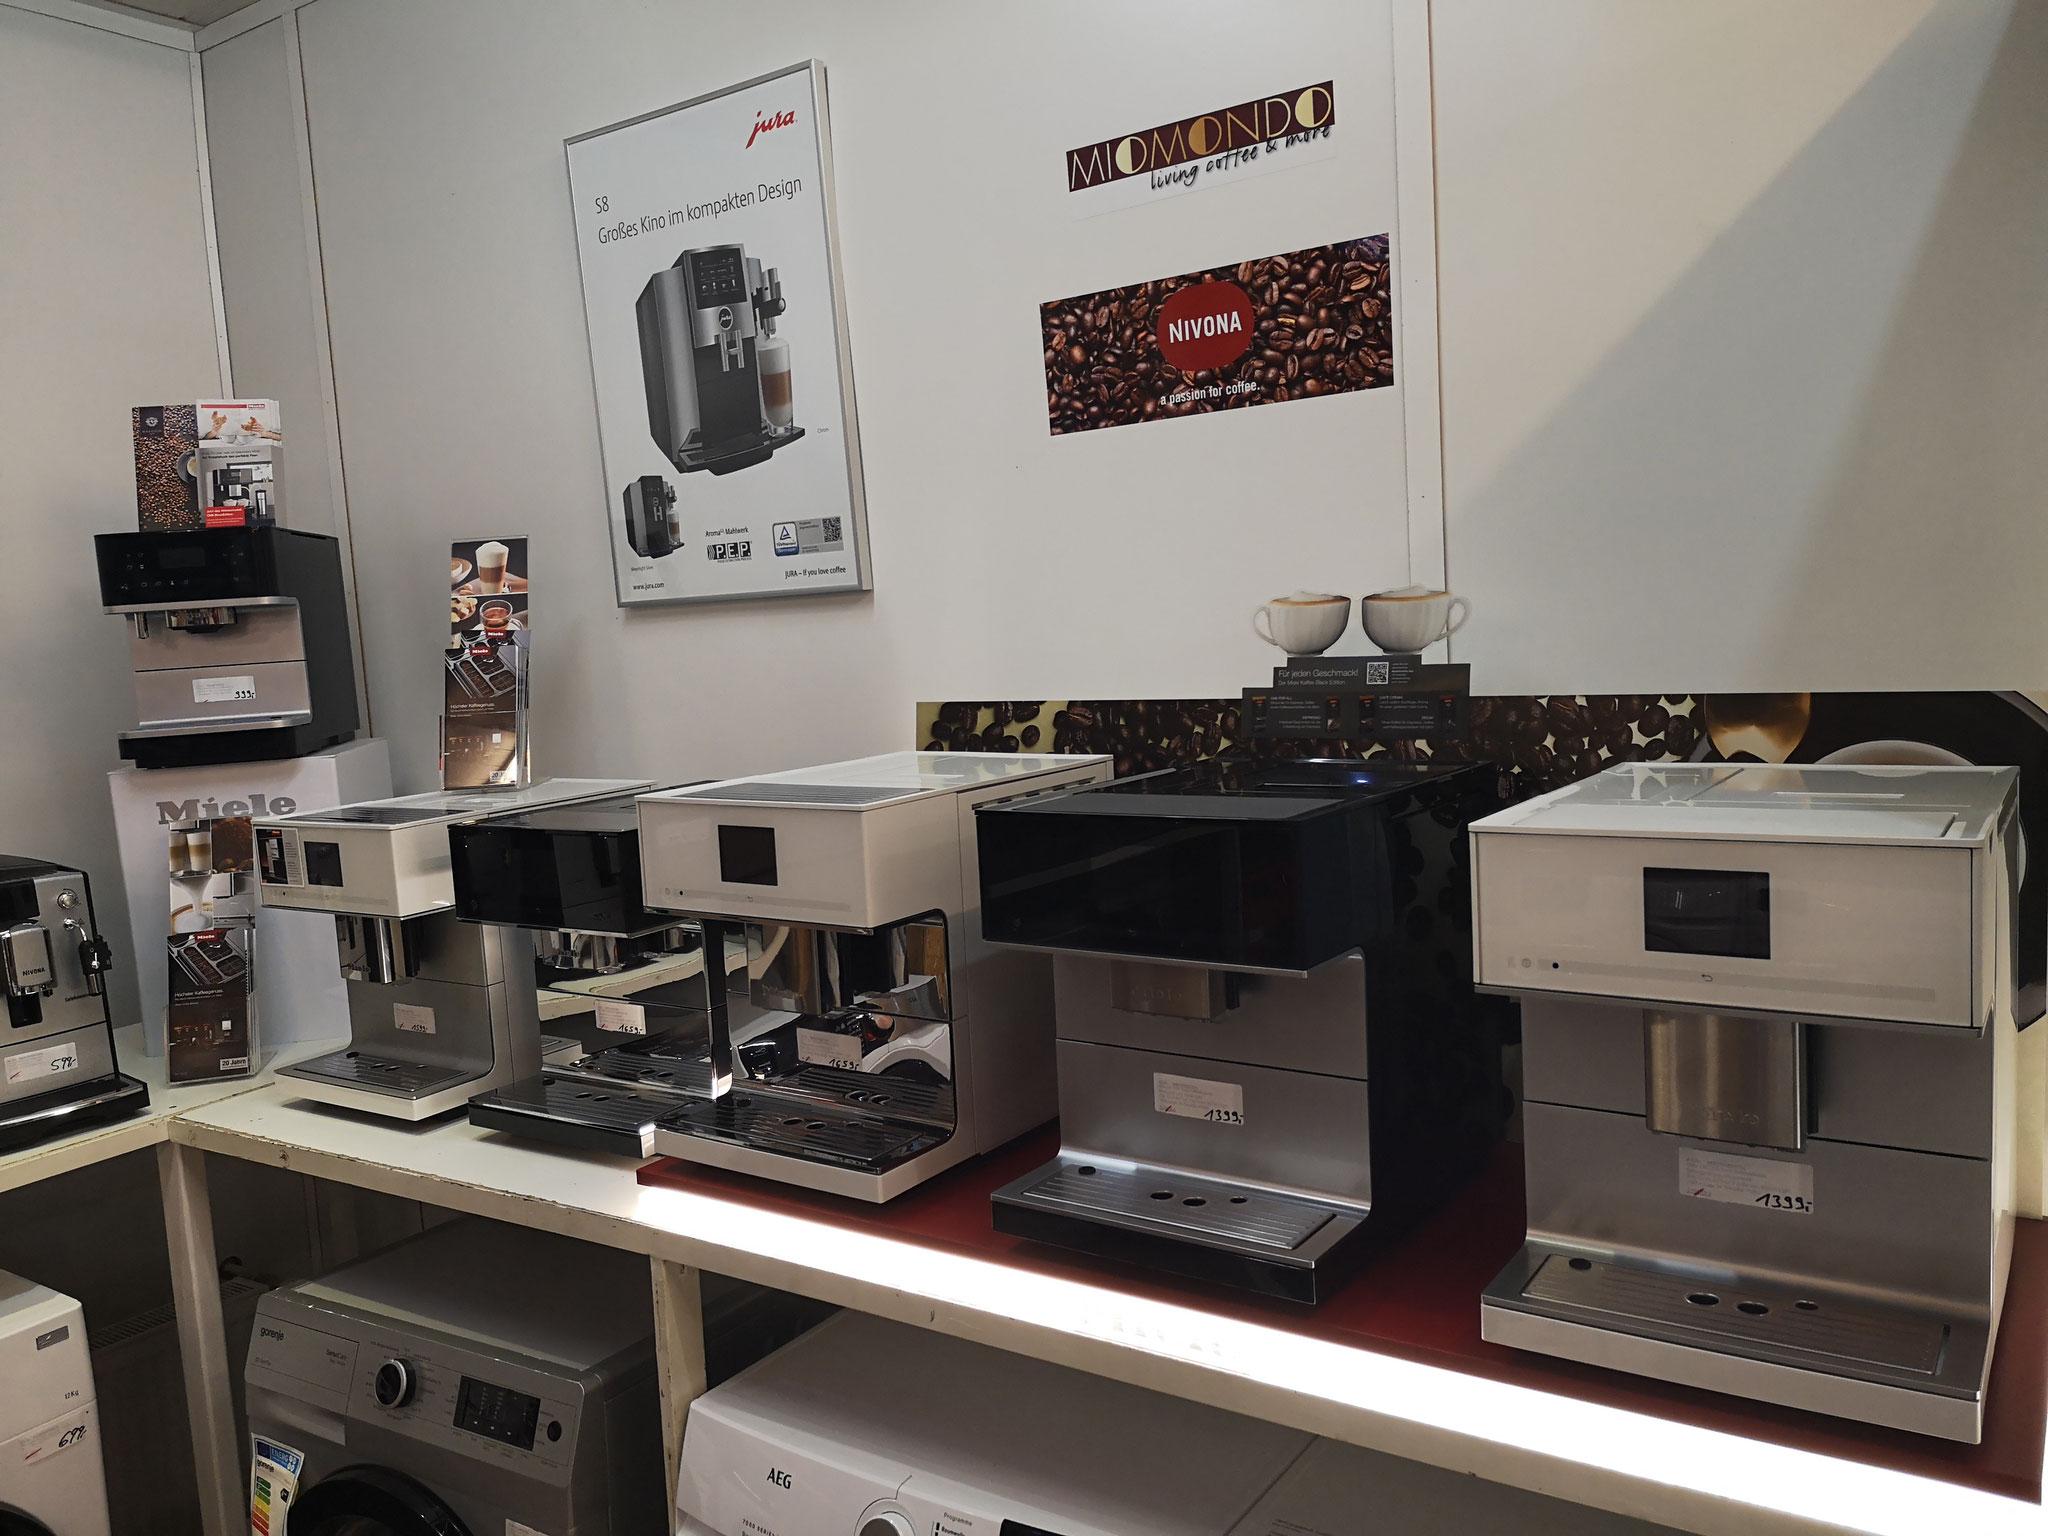 Miele Kaffeevollautomaten bei HGS Elektro in Köln